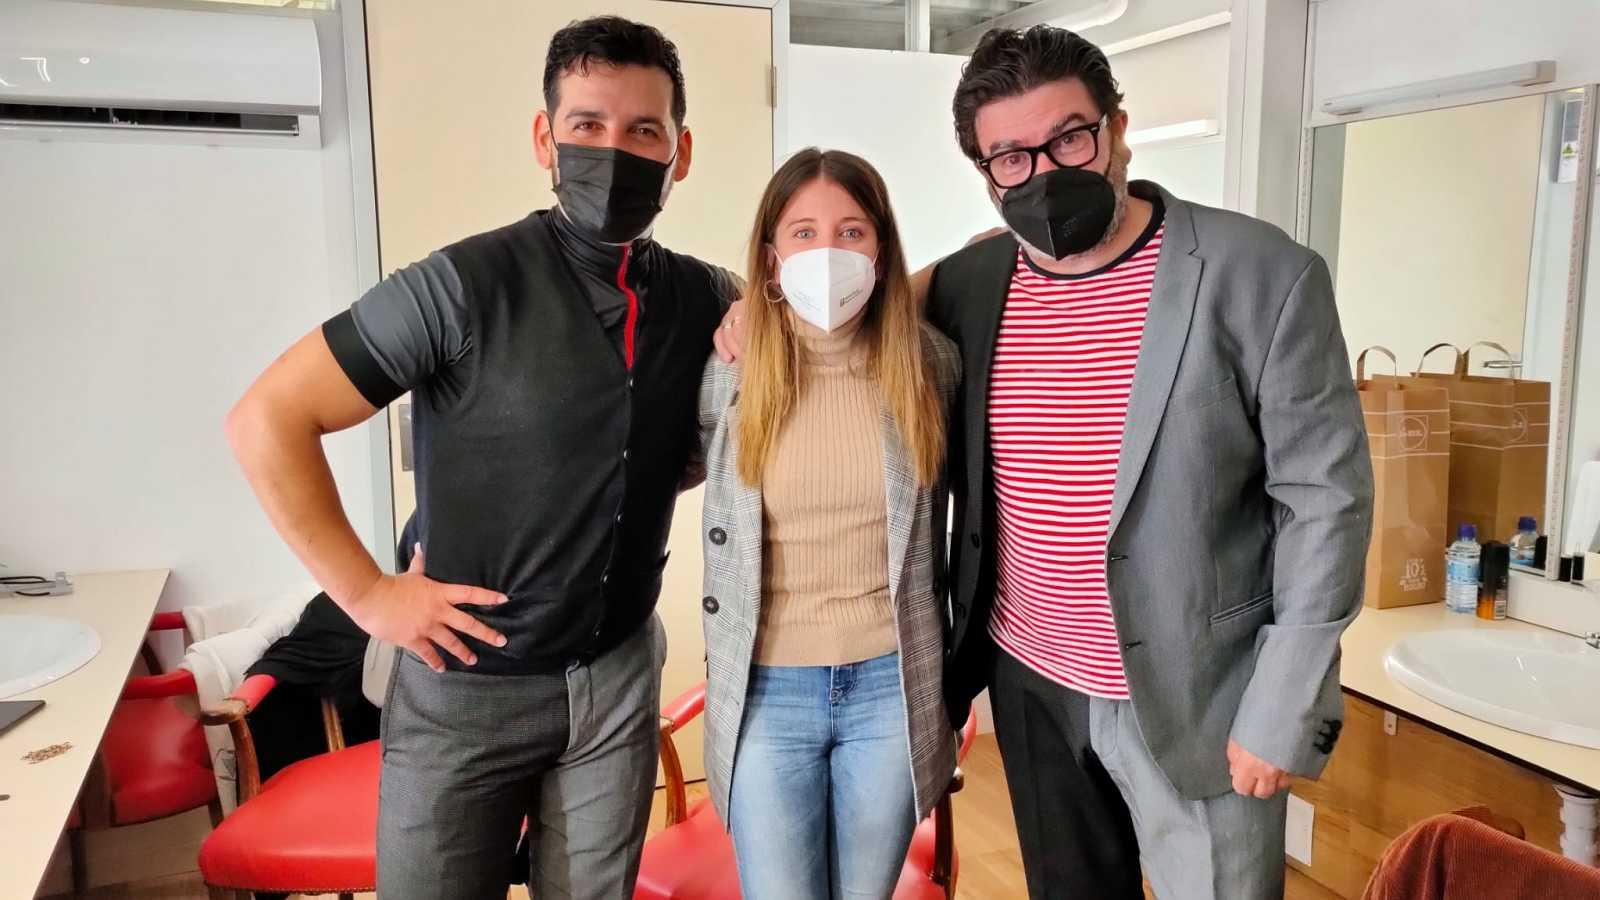 La sala - 'El ciclista utópico': En el camerino con Fran Perea y Fernando Soto - 20/04/21 - Escuchar ahora